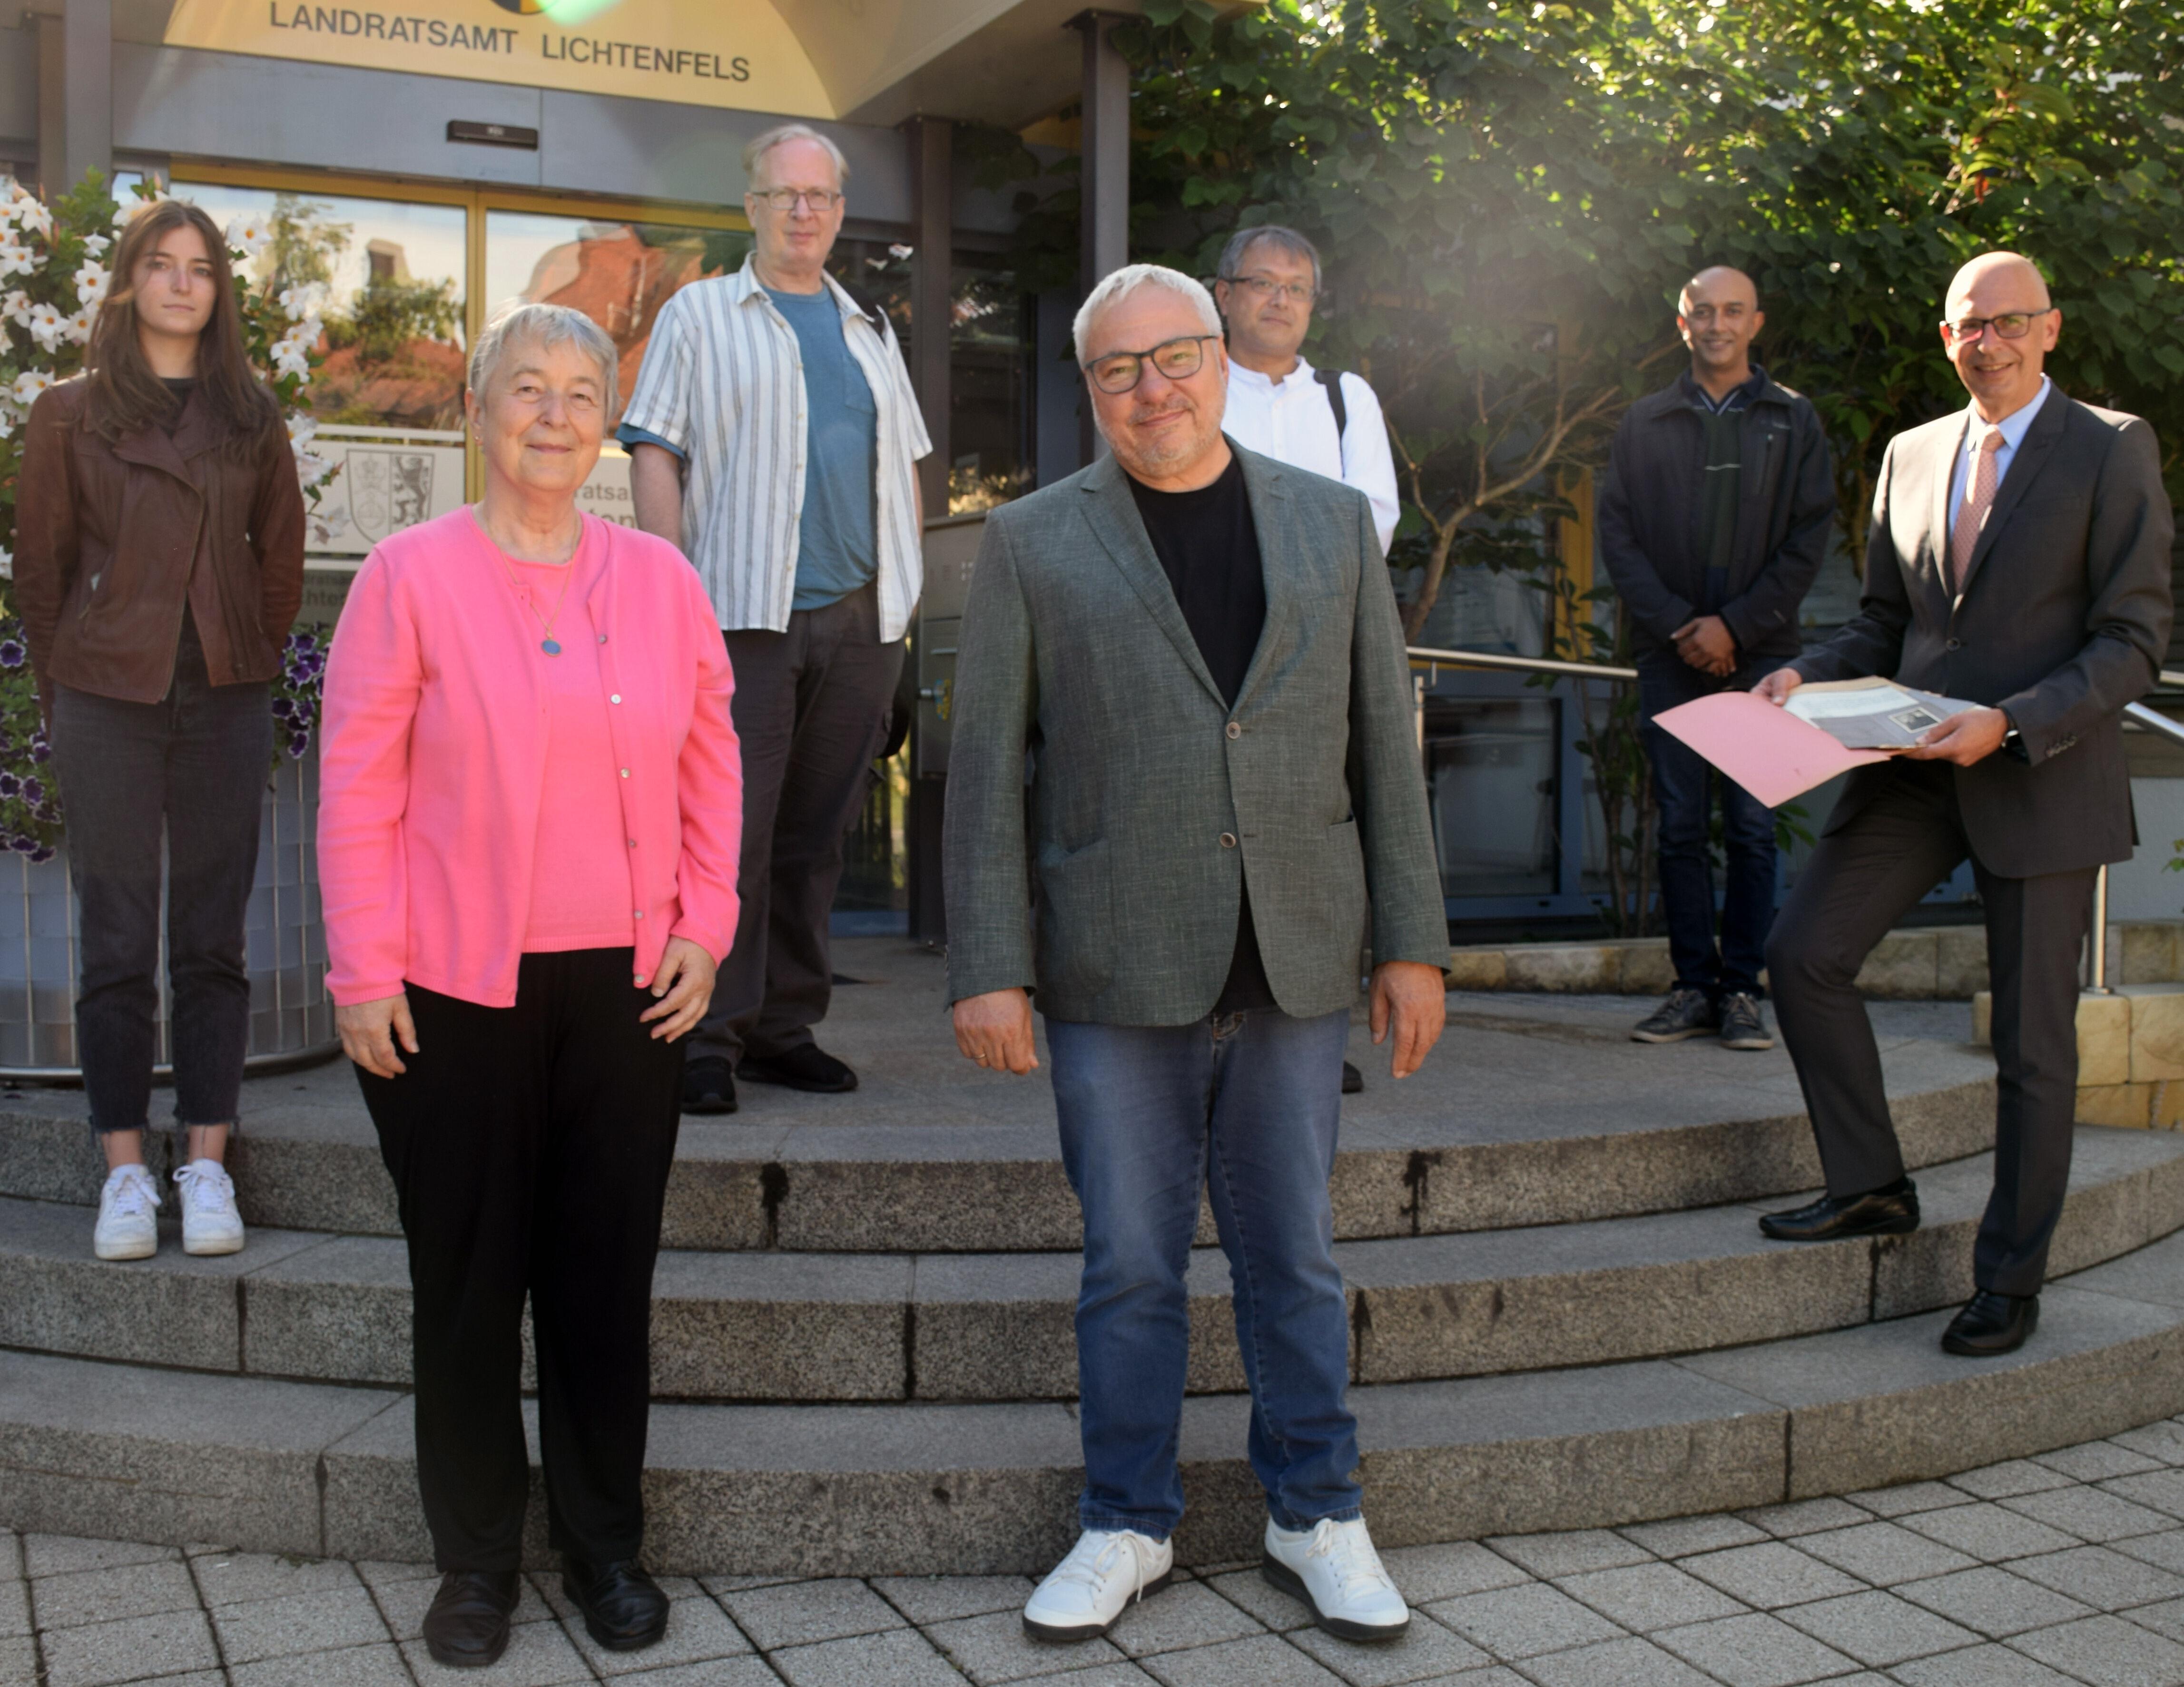 Landrat Christian Meißner empfing das Filmteam im Landratsamt. Foto: Landratsamt Lichtenfels/Heidi Bauer